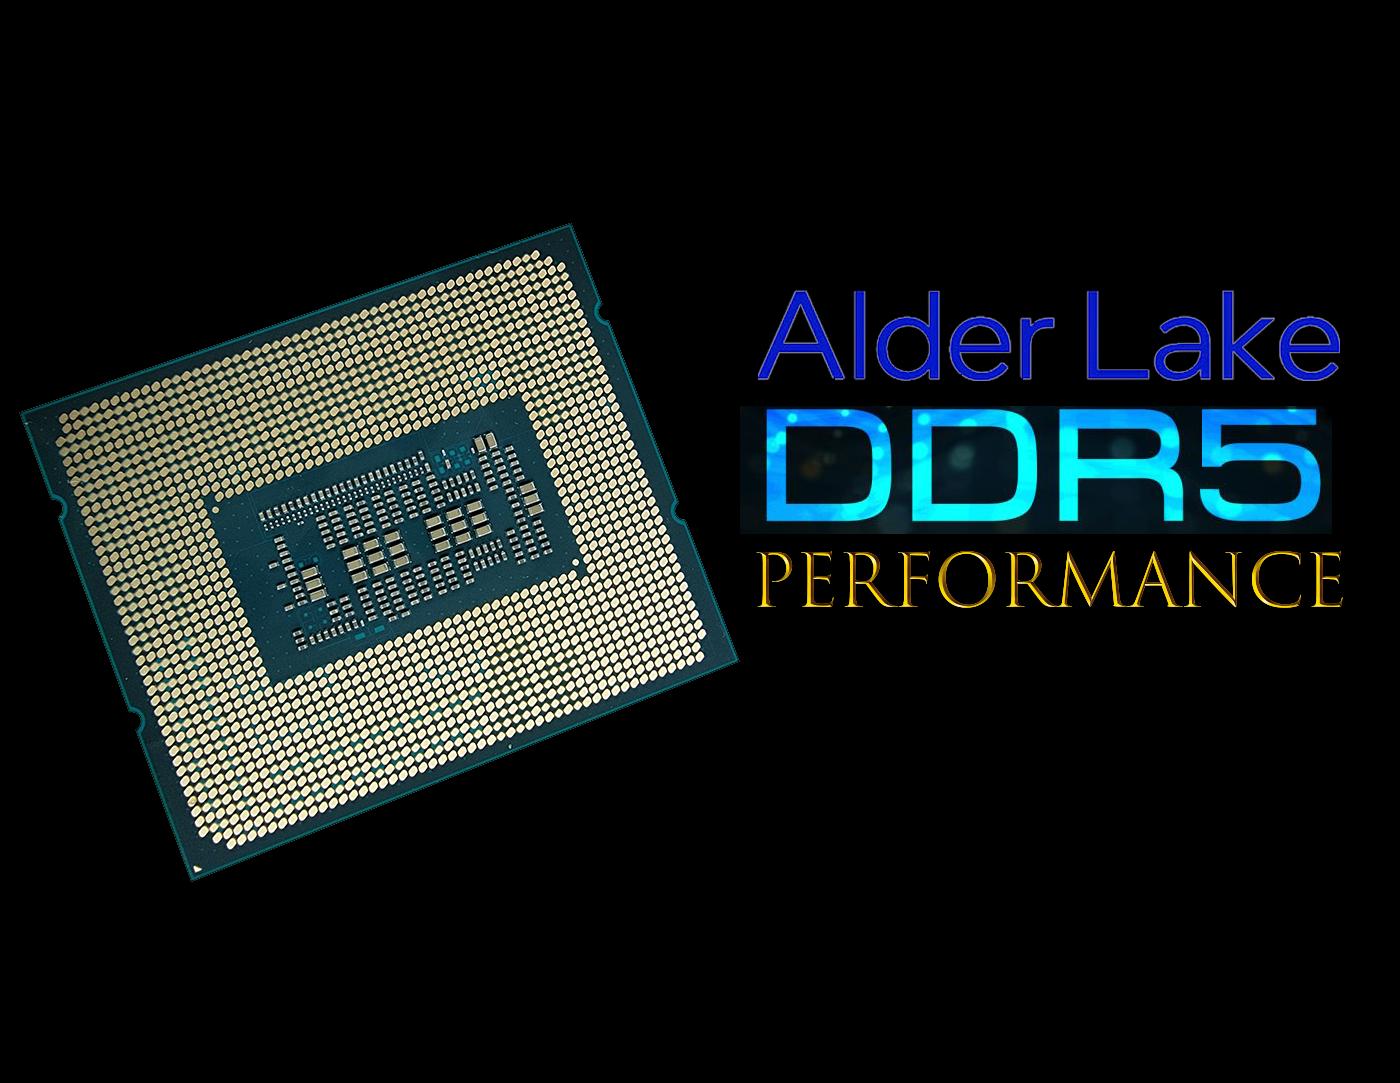 DDR5-6400 RAM